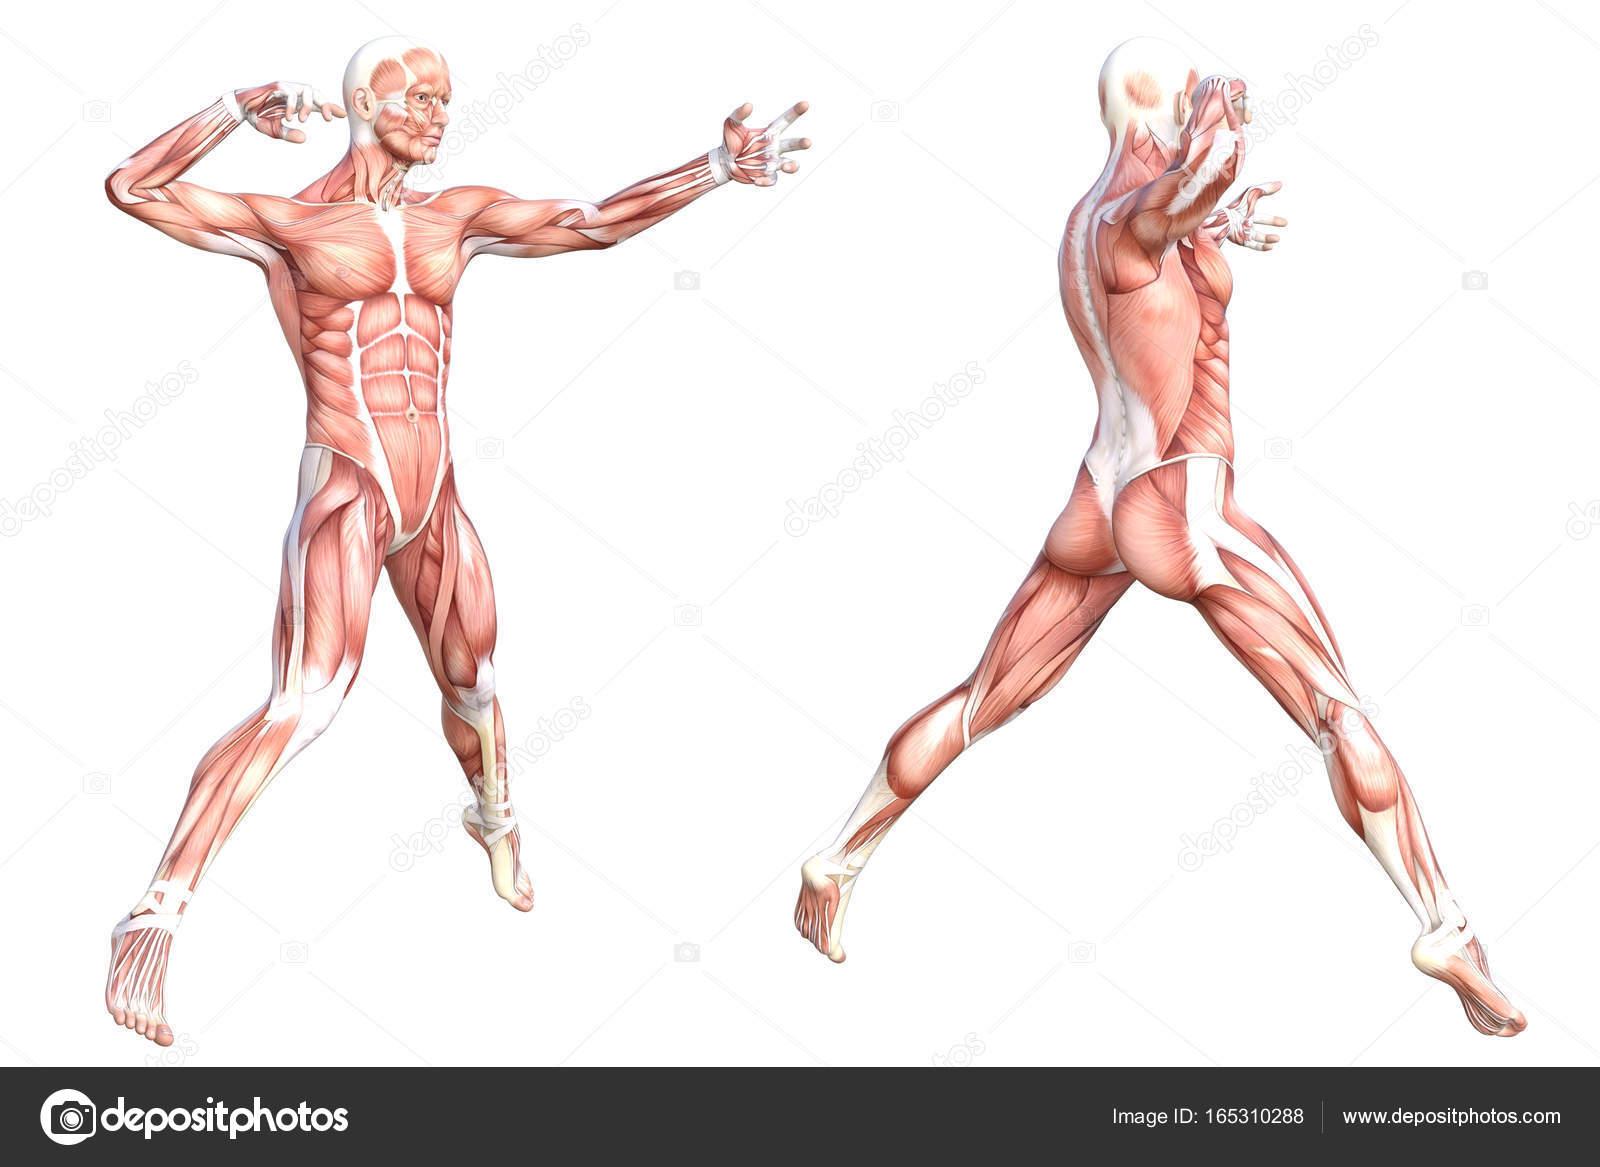 Konzeptionelle Anatomie gesunde hautlosen Körpers Muskel System ...